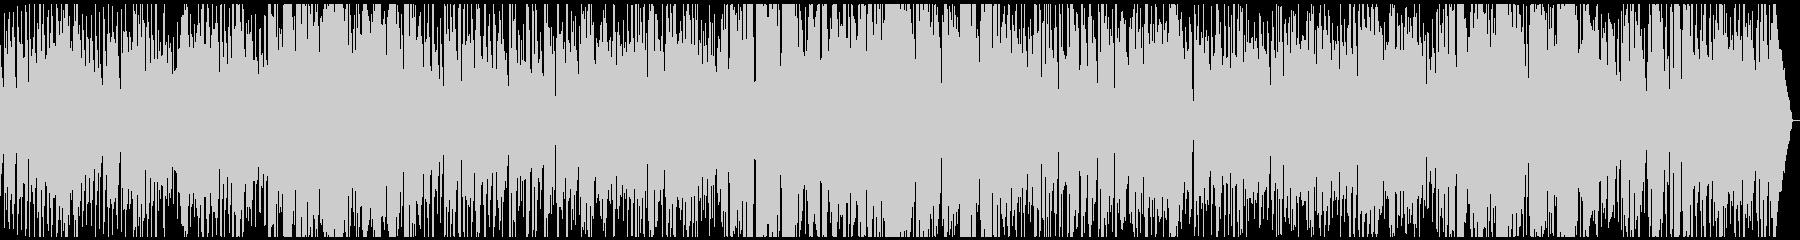 【生演奏】リラックスムードカフェボサノバの未再生の波形